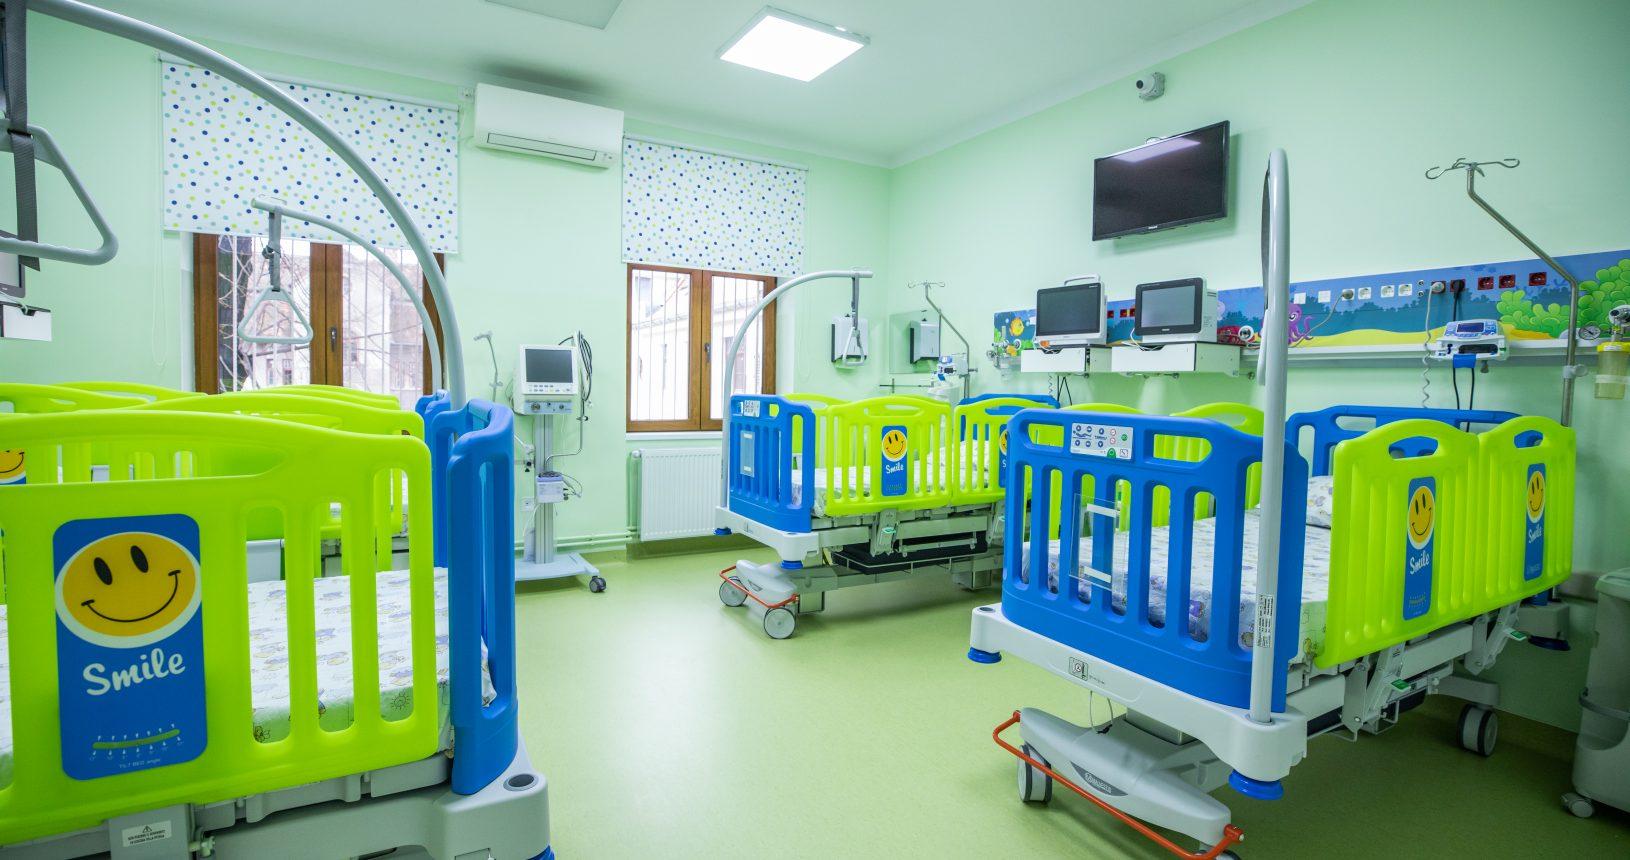 Spital pediatrie